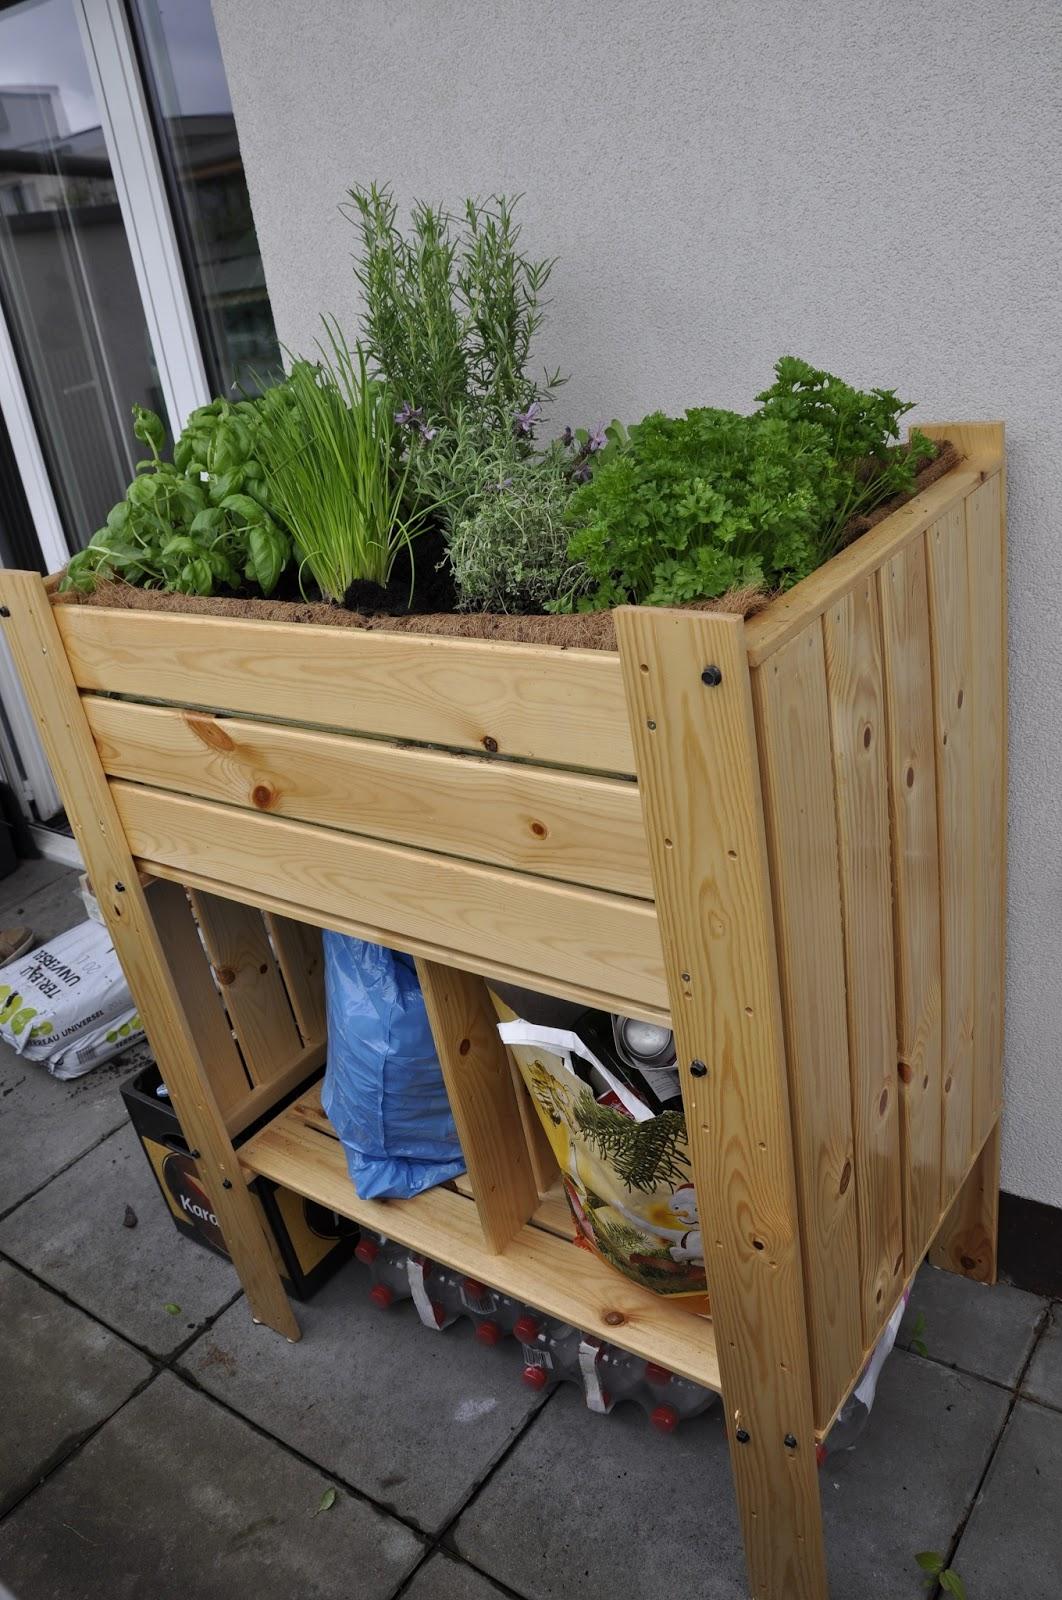 Hochbeet Ikea Askholmen Flower Box Grey Brown Stained Ikea